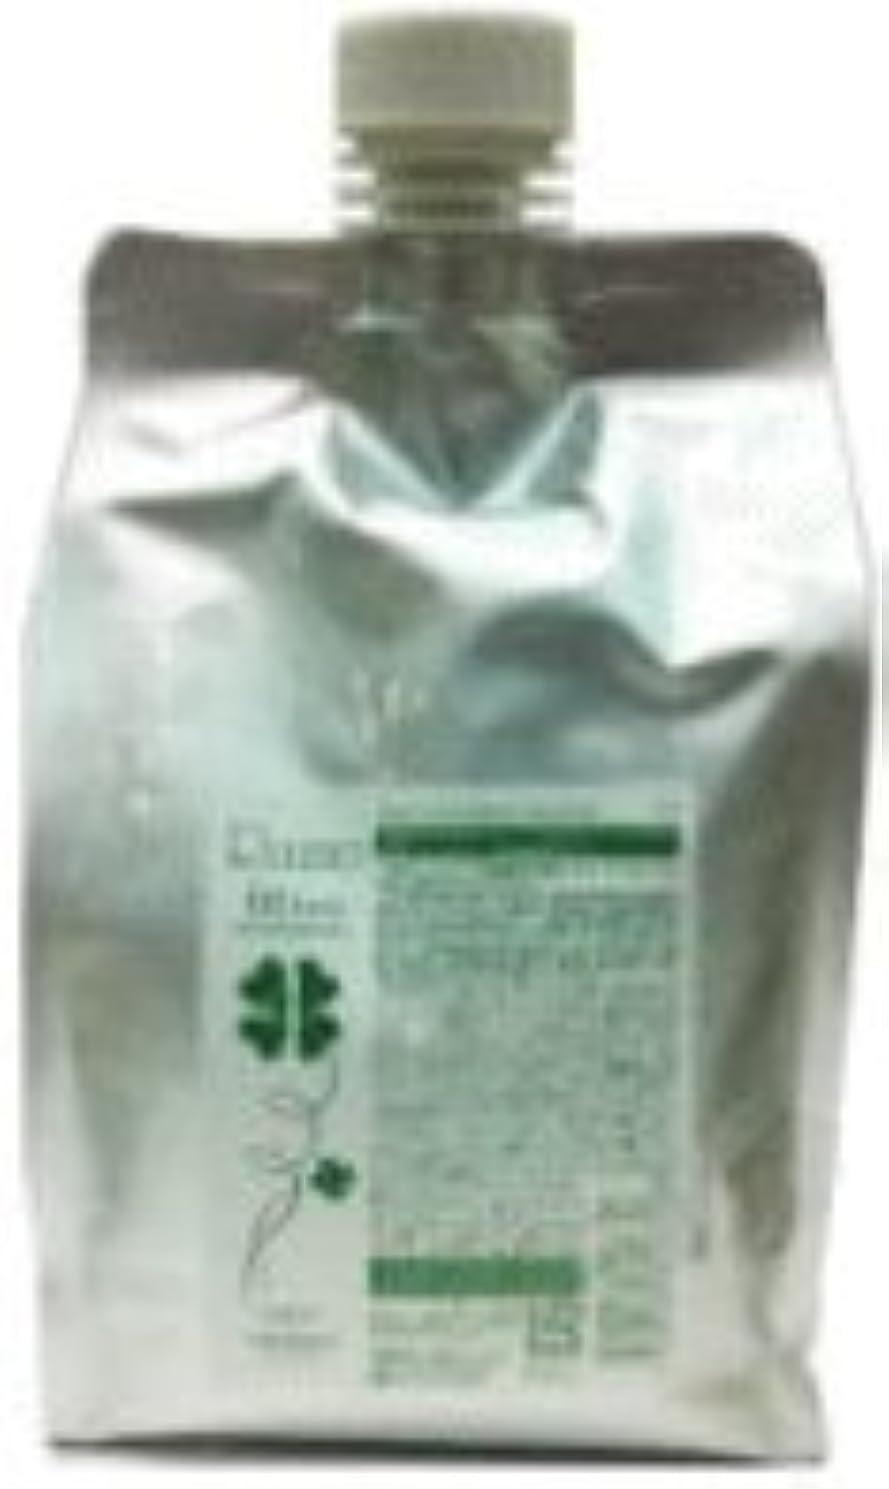 聖歌白菜プレビスサイトハホニコ ラメ4 インバストリートメント 1000g 雪室コーヒーセット